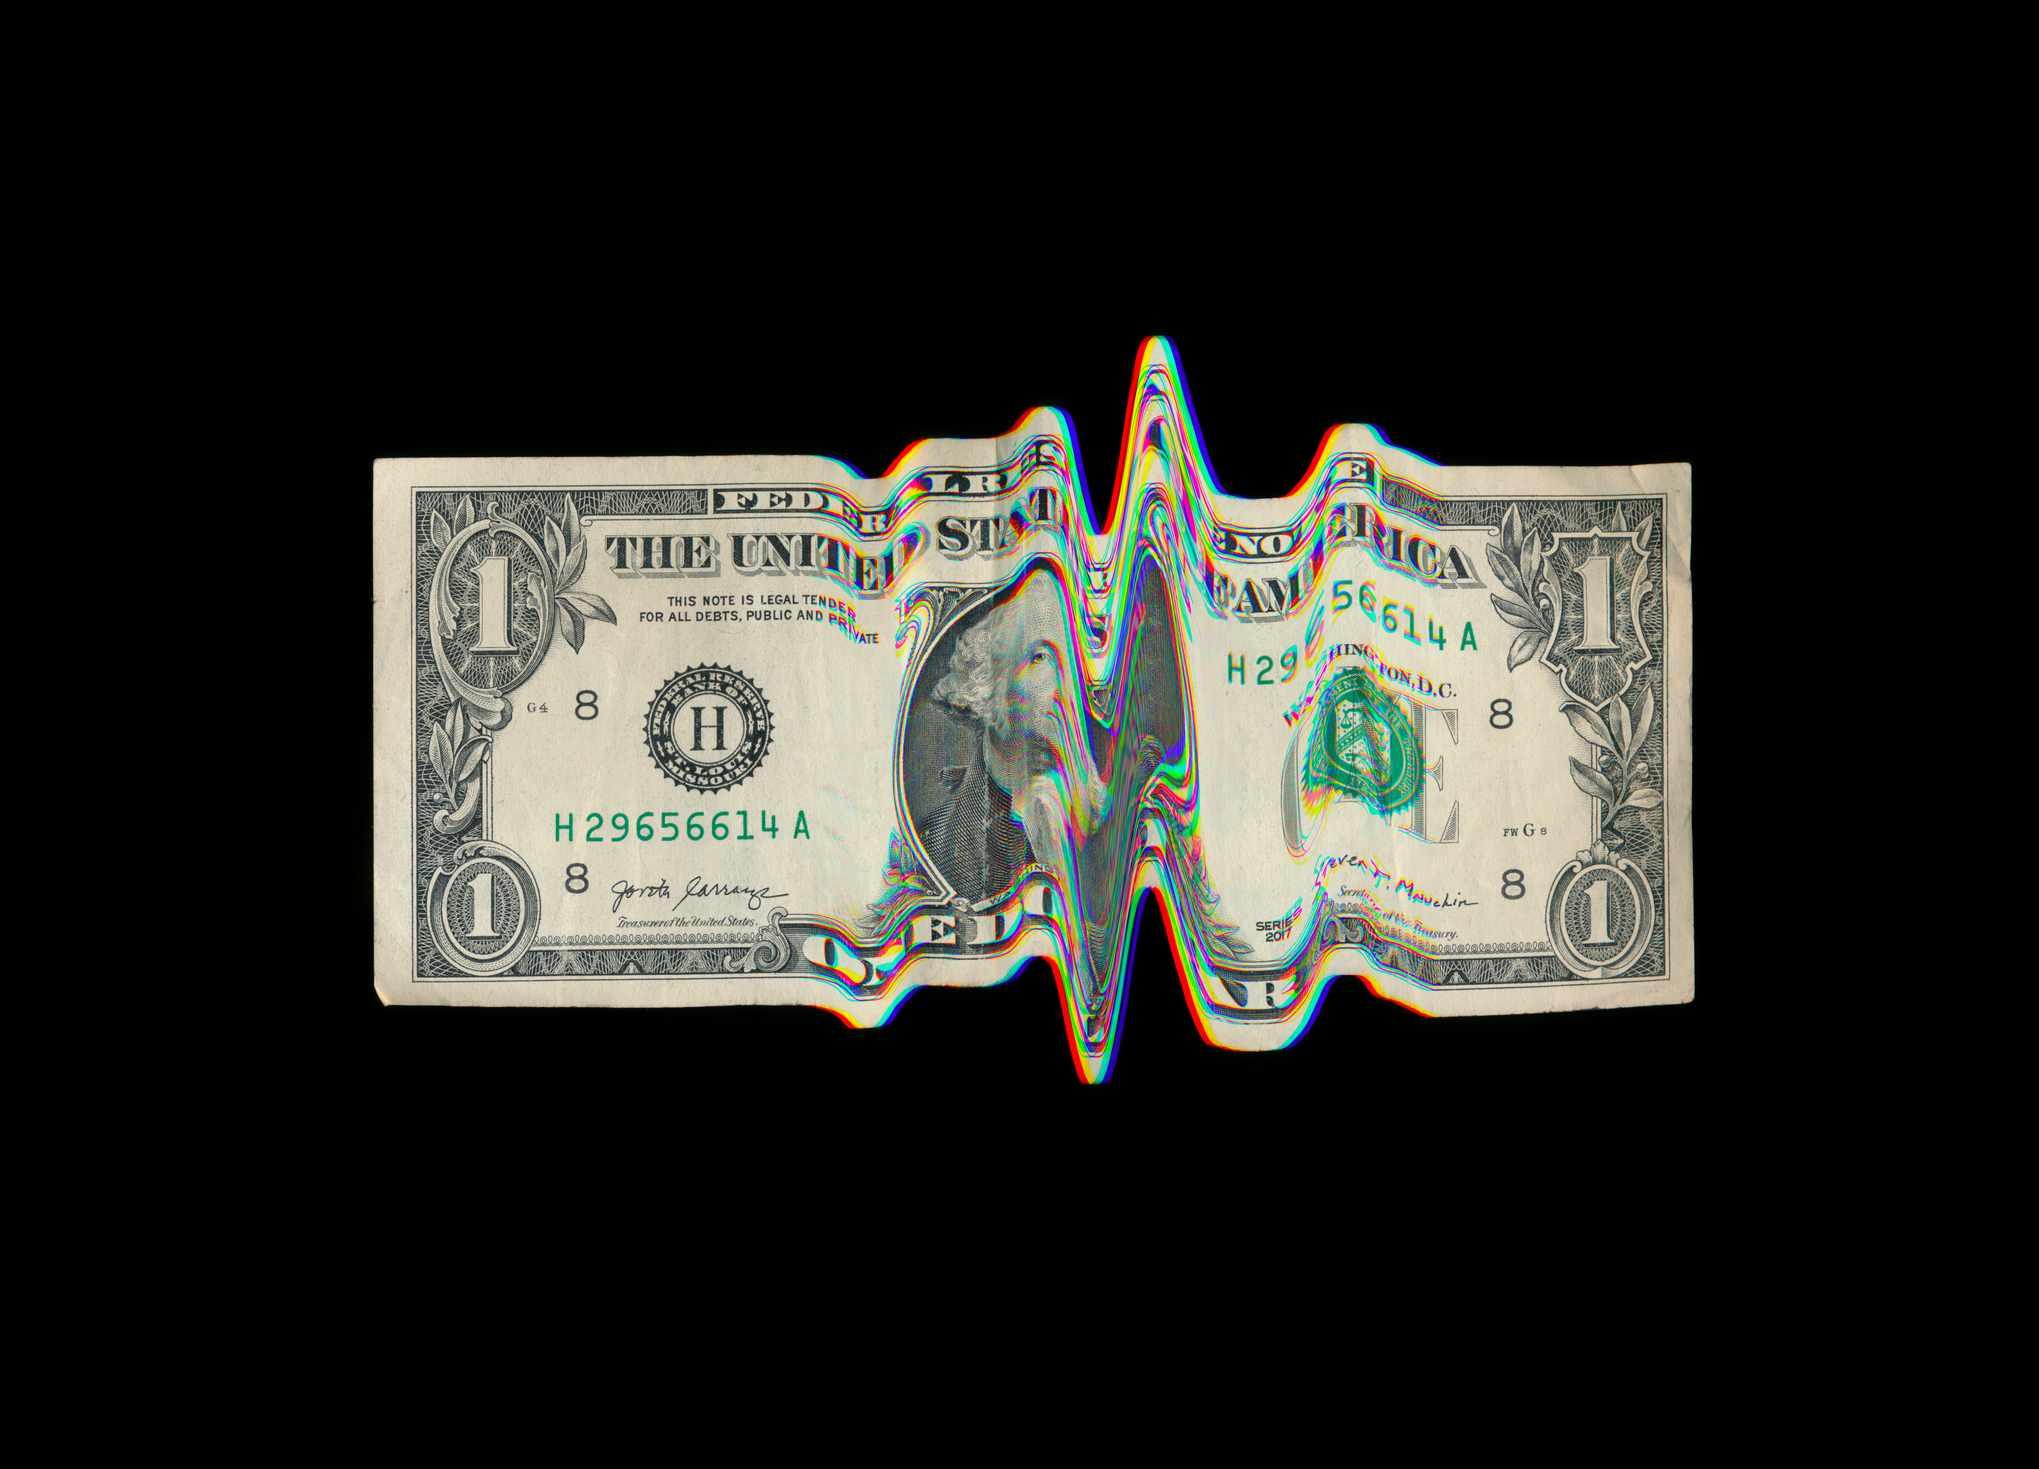 US dollar bill with glitch effect